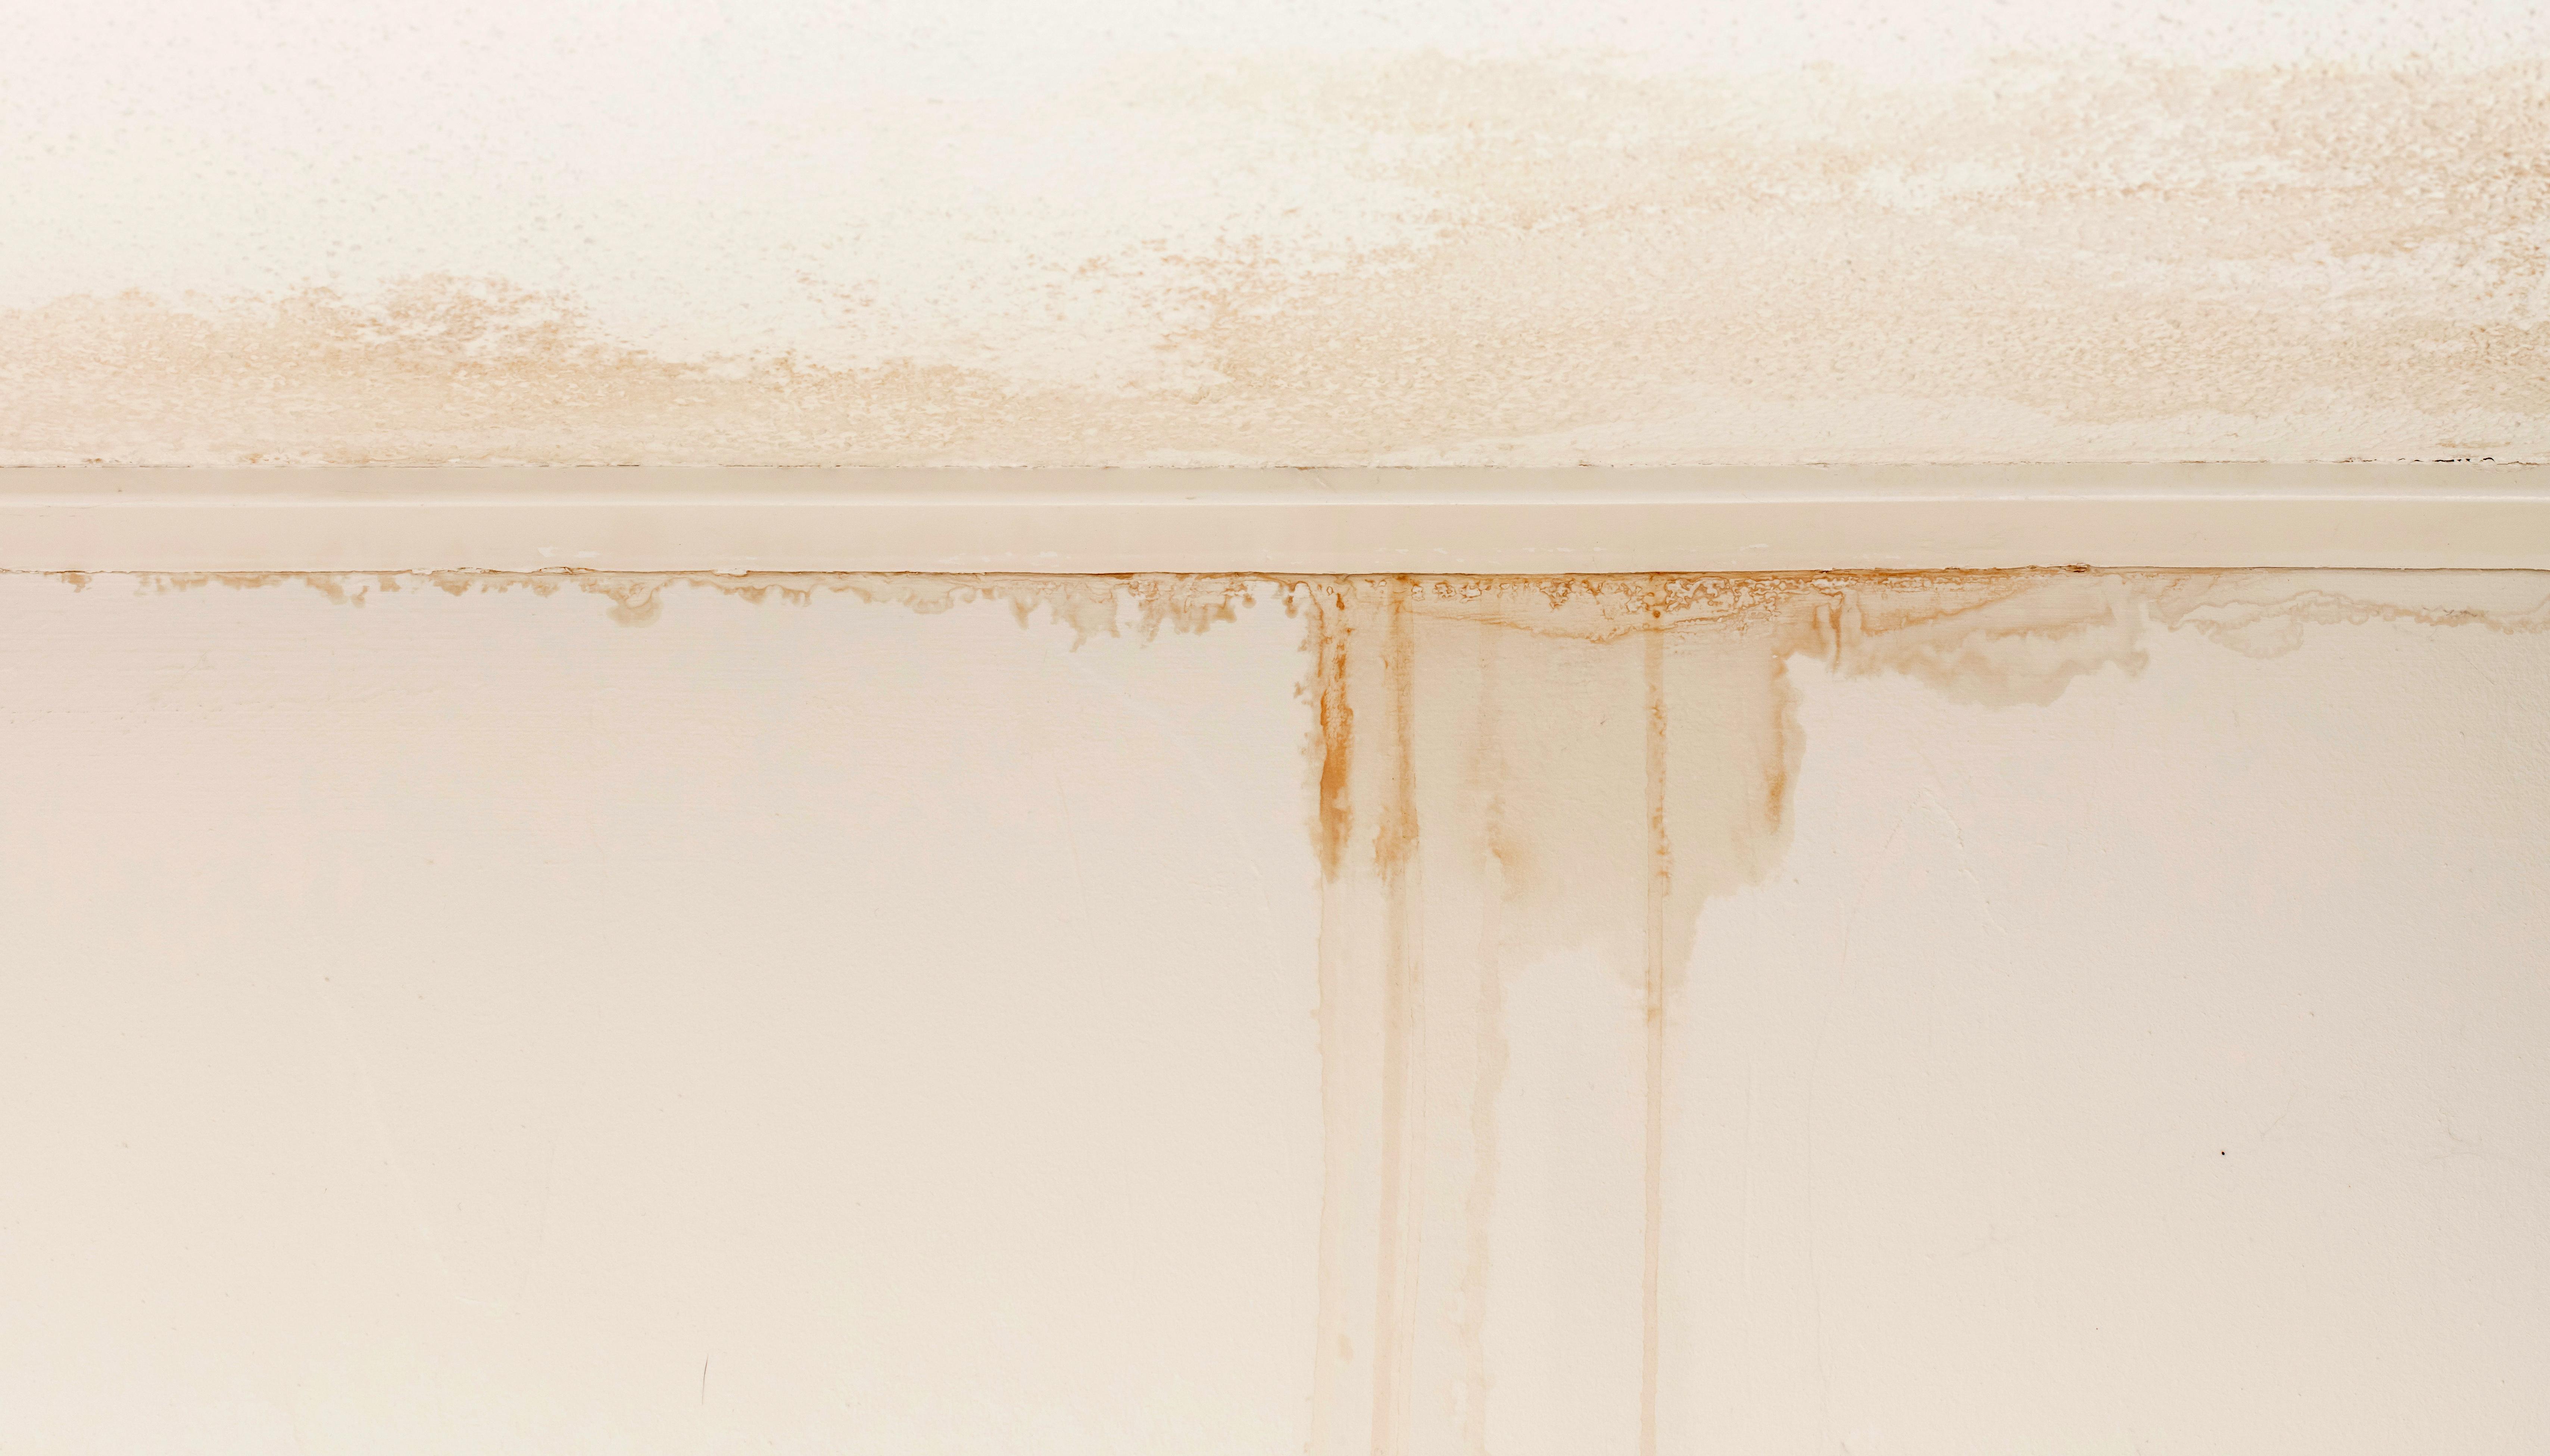 二階からの水漏れイメージ